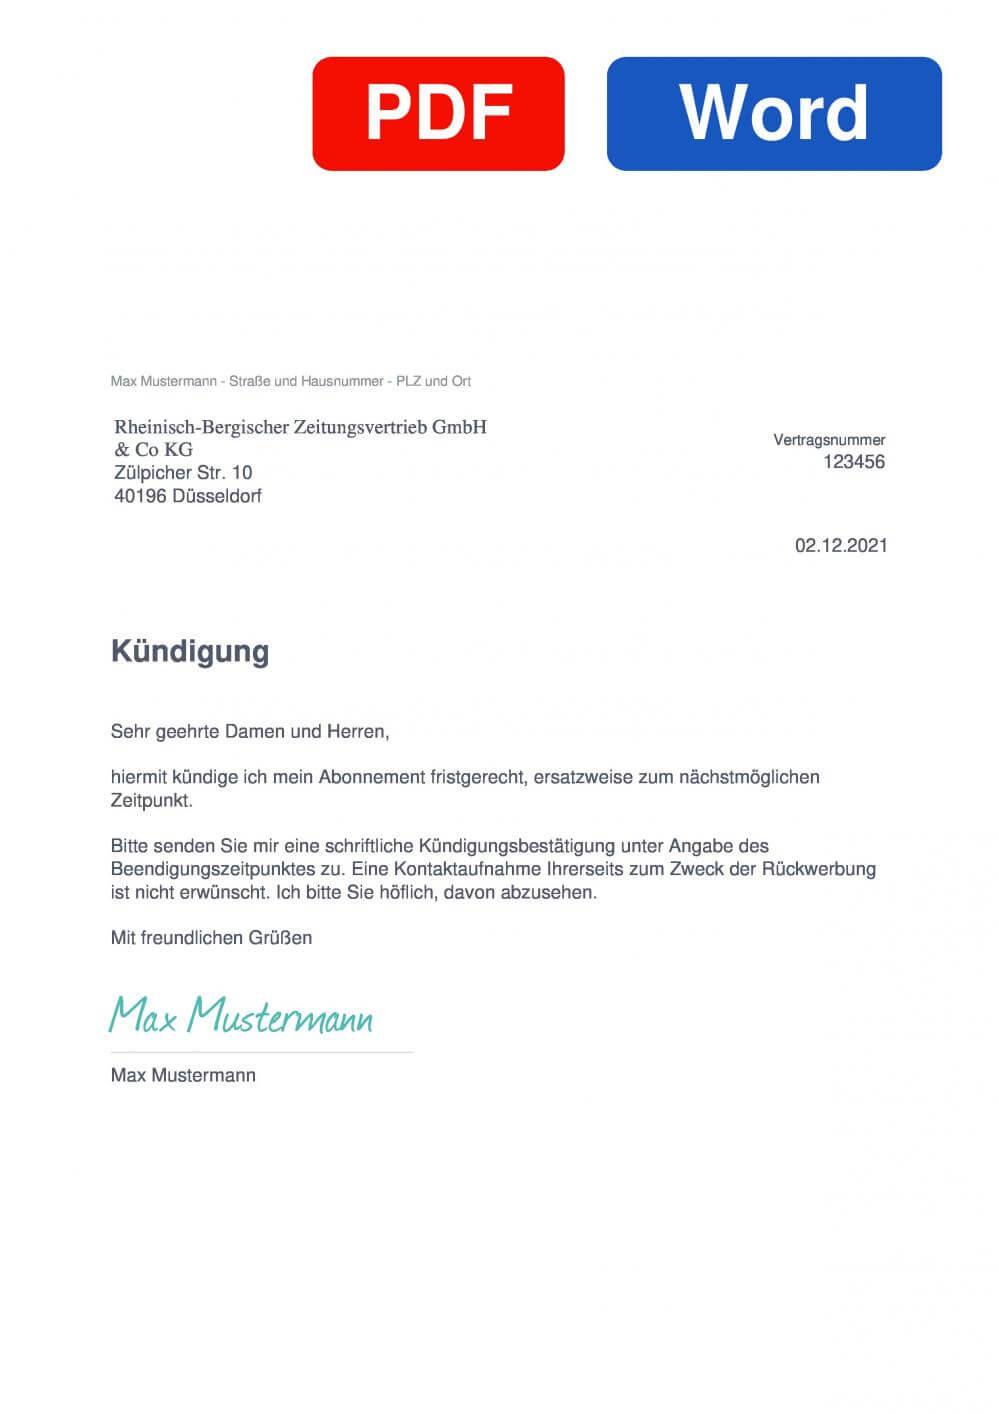 Rheinisch-Bergischer Zeitungsvertrieb Muster Vorlage für Kündigungsschreiben